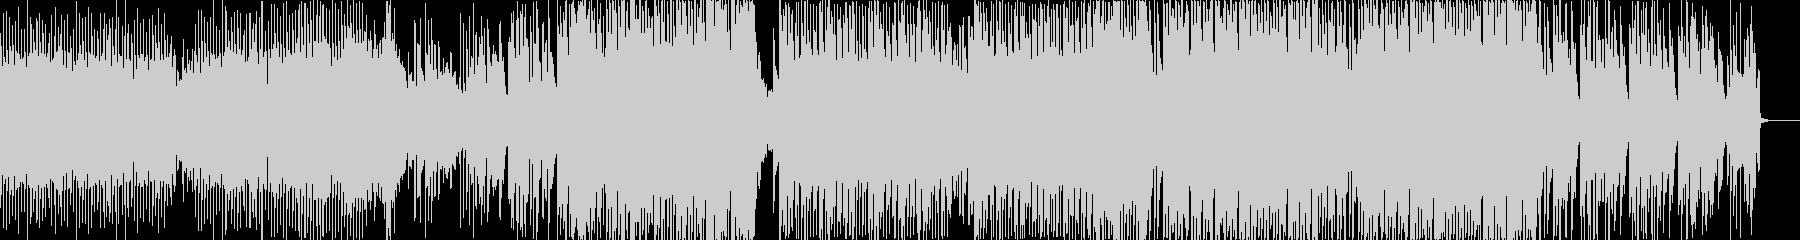 不気味なジャングルテラー、EDMの未再生の波形